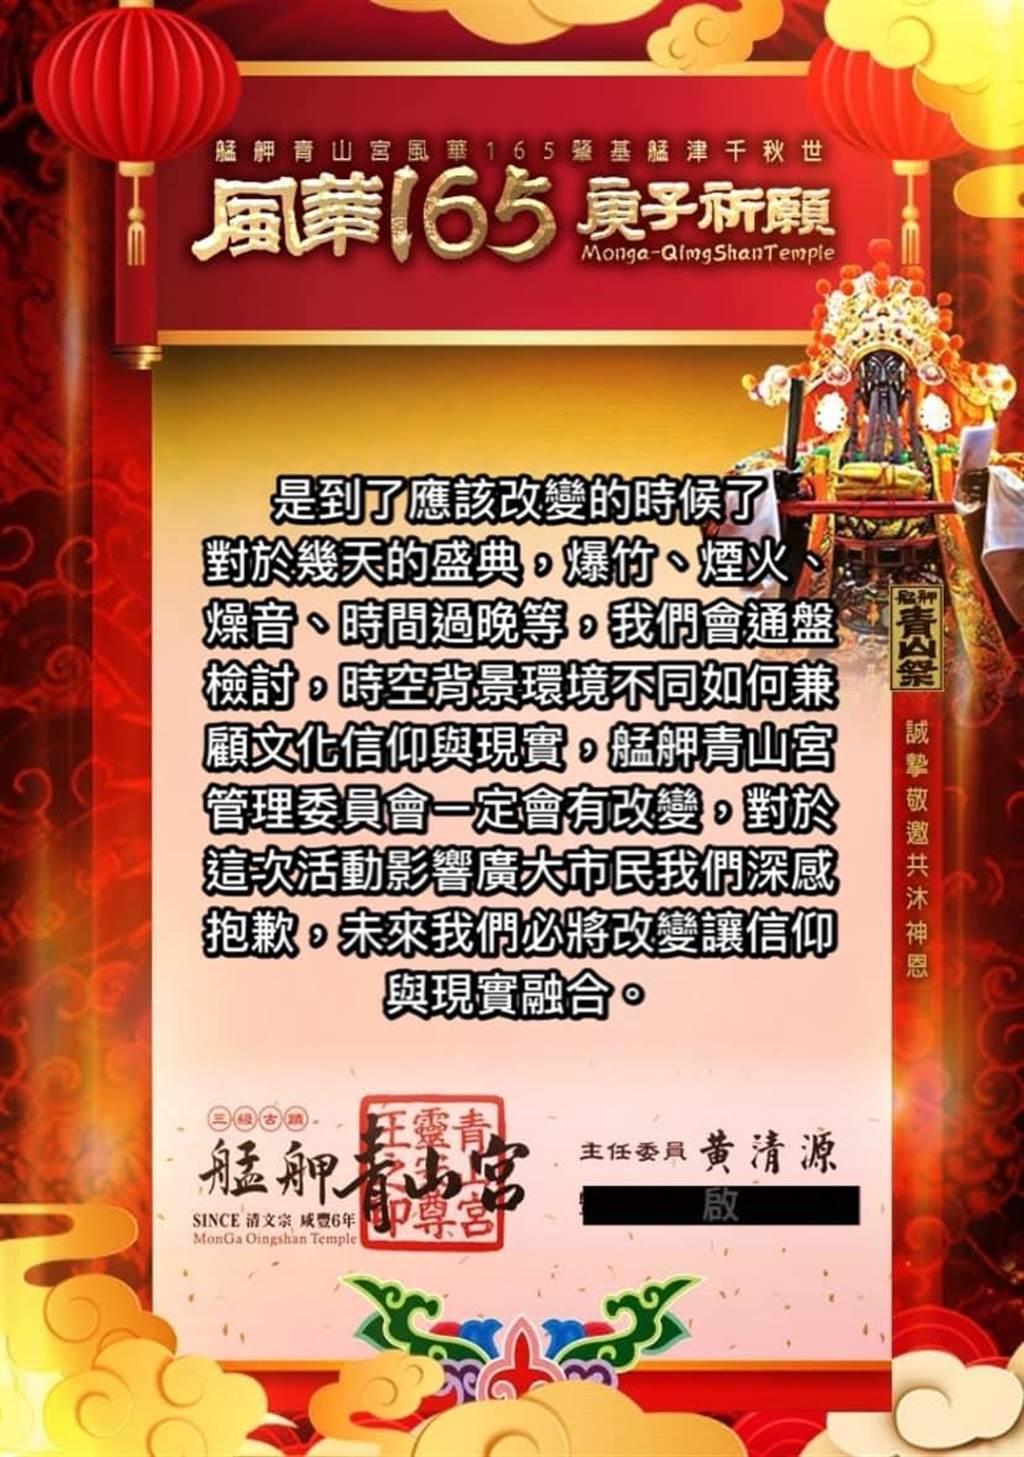 艋舺青山祭引發民怨,青山宮致歉承諾改進。(圖/摘自艋舺青山王臉書)